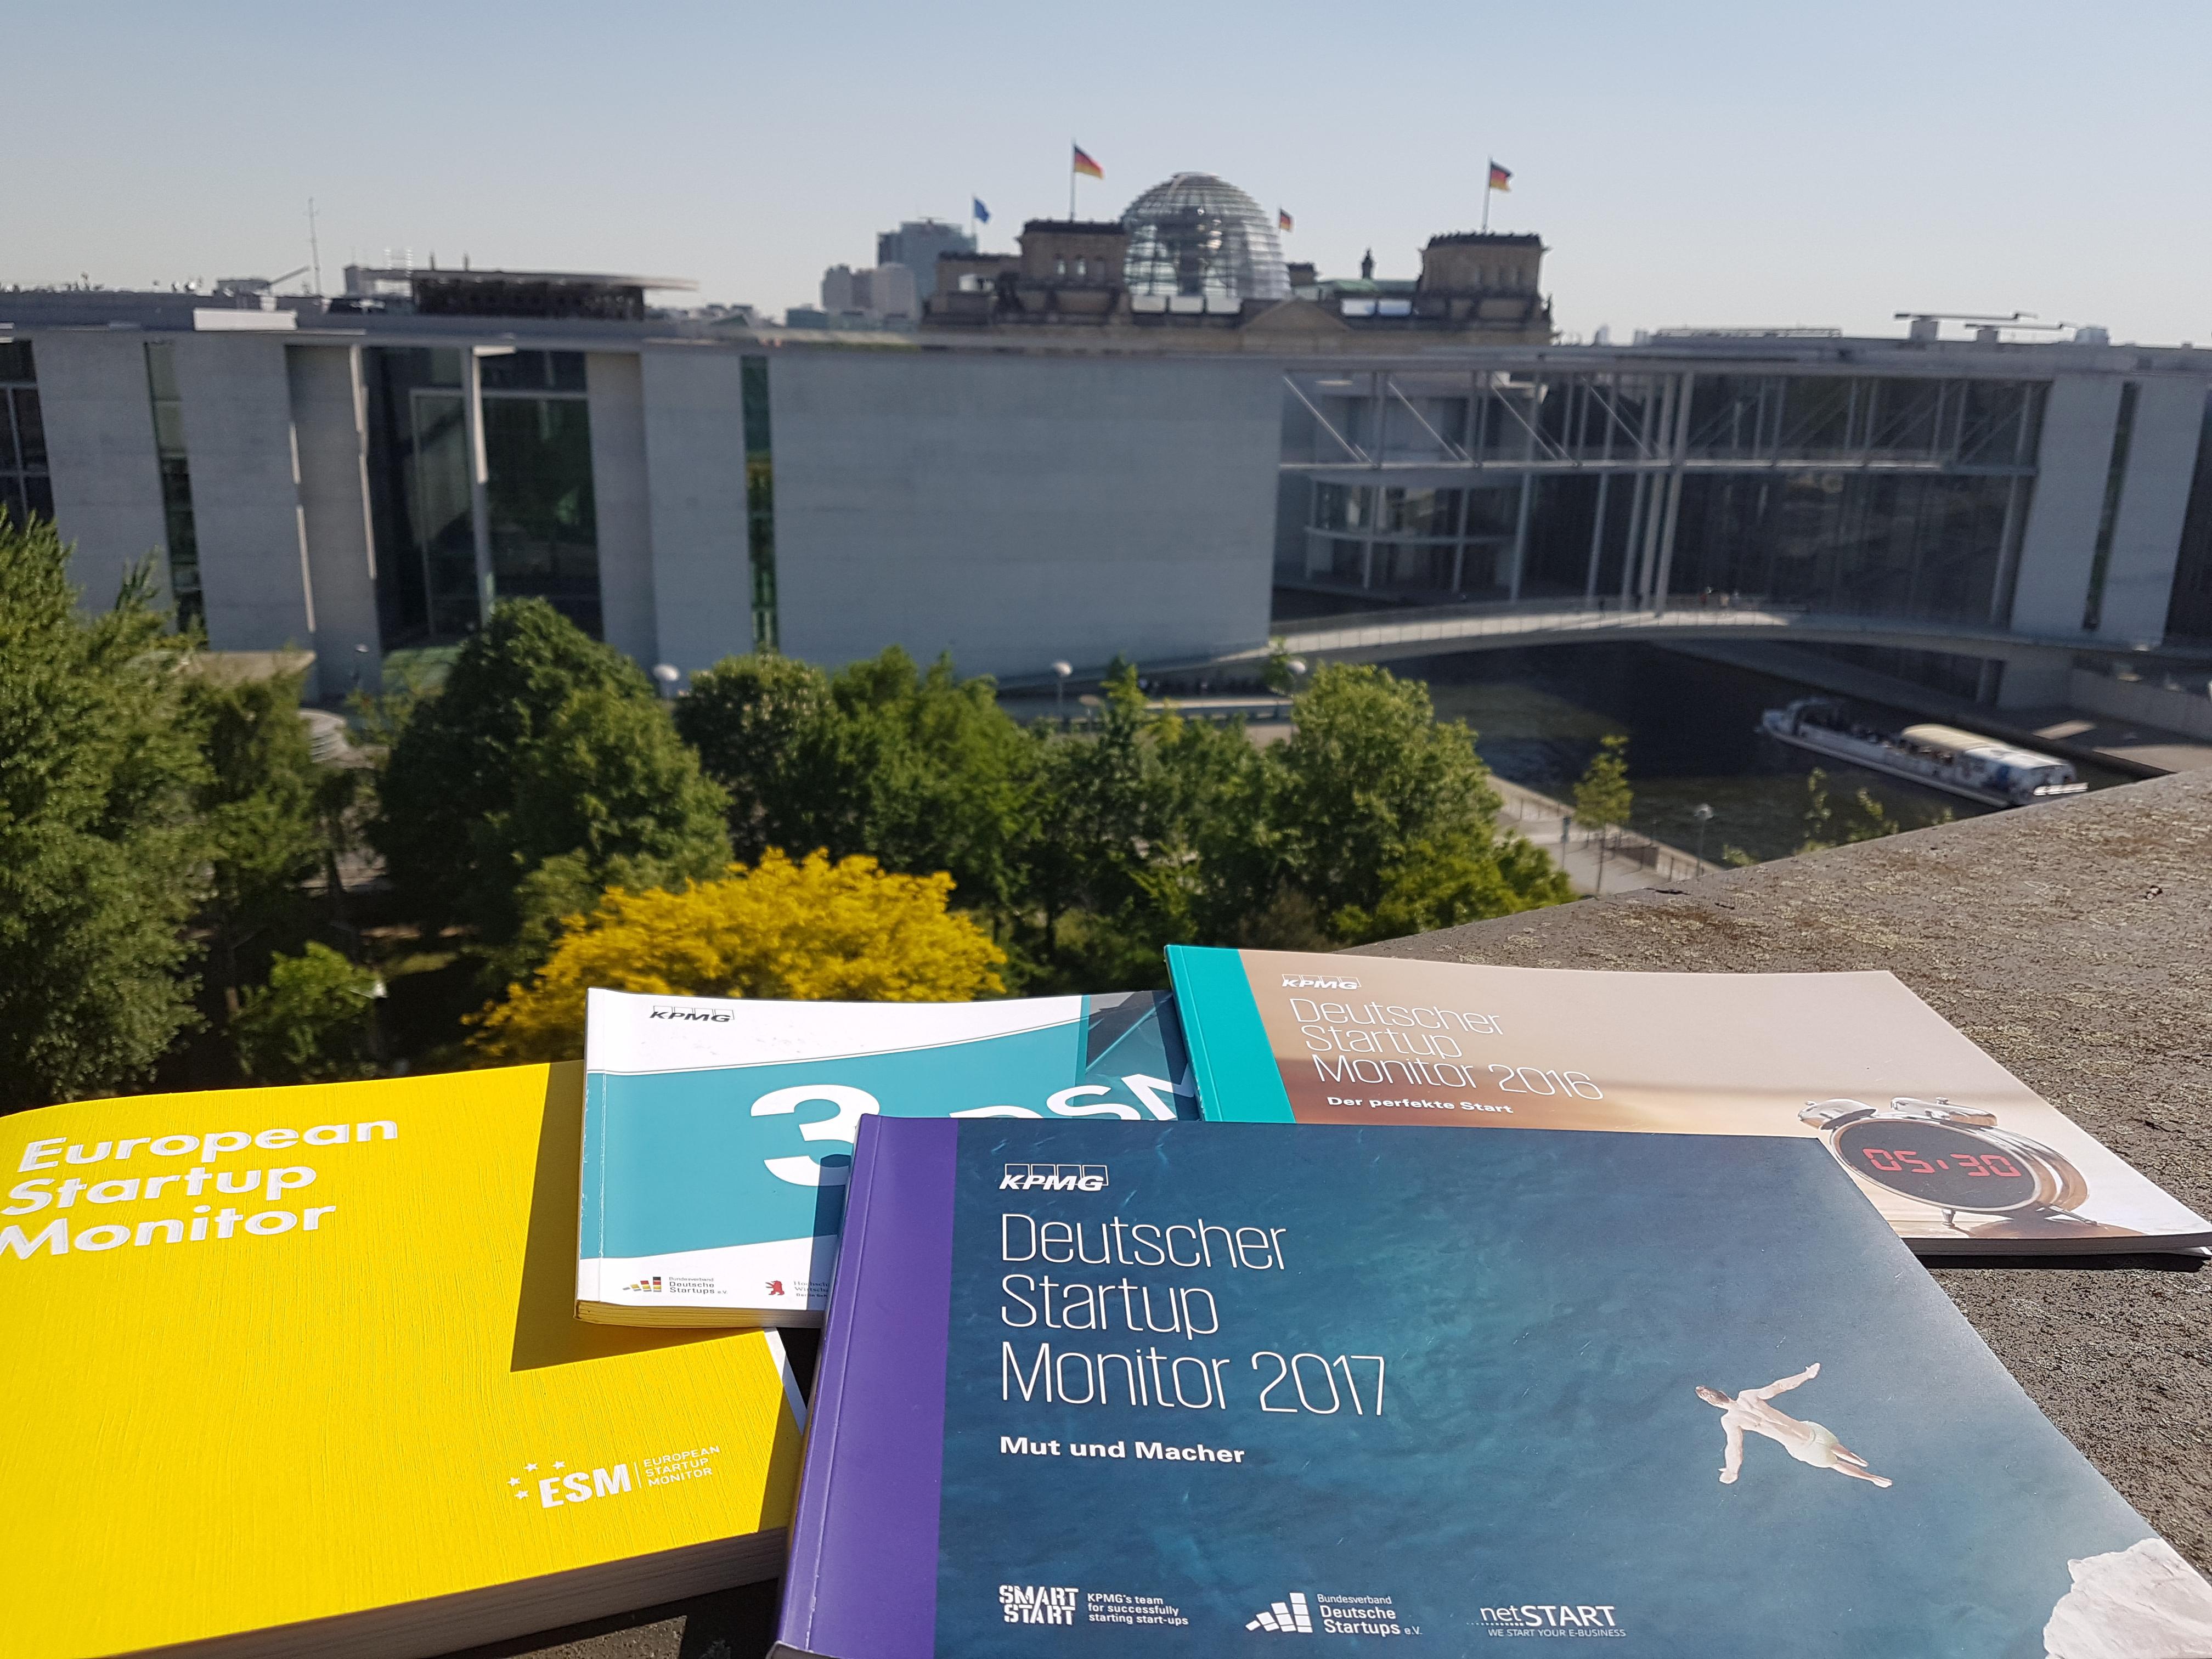 Befragung zum Deutschen Startup Monitor 2018